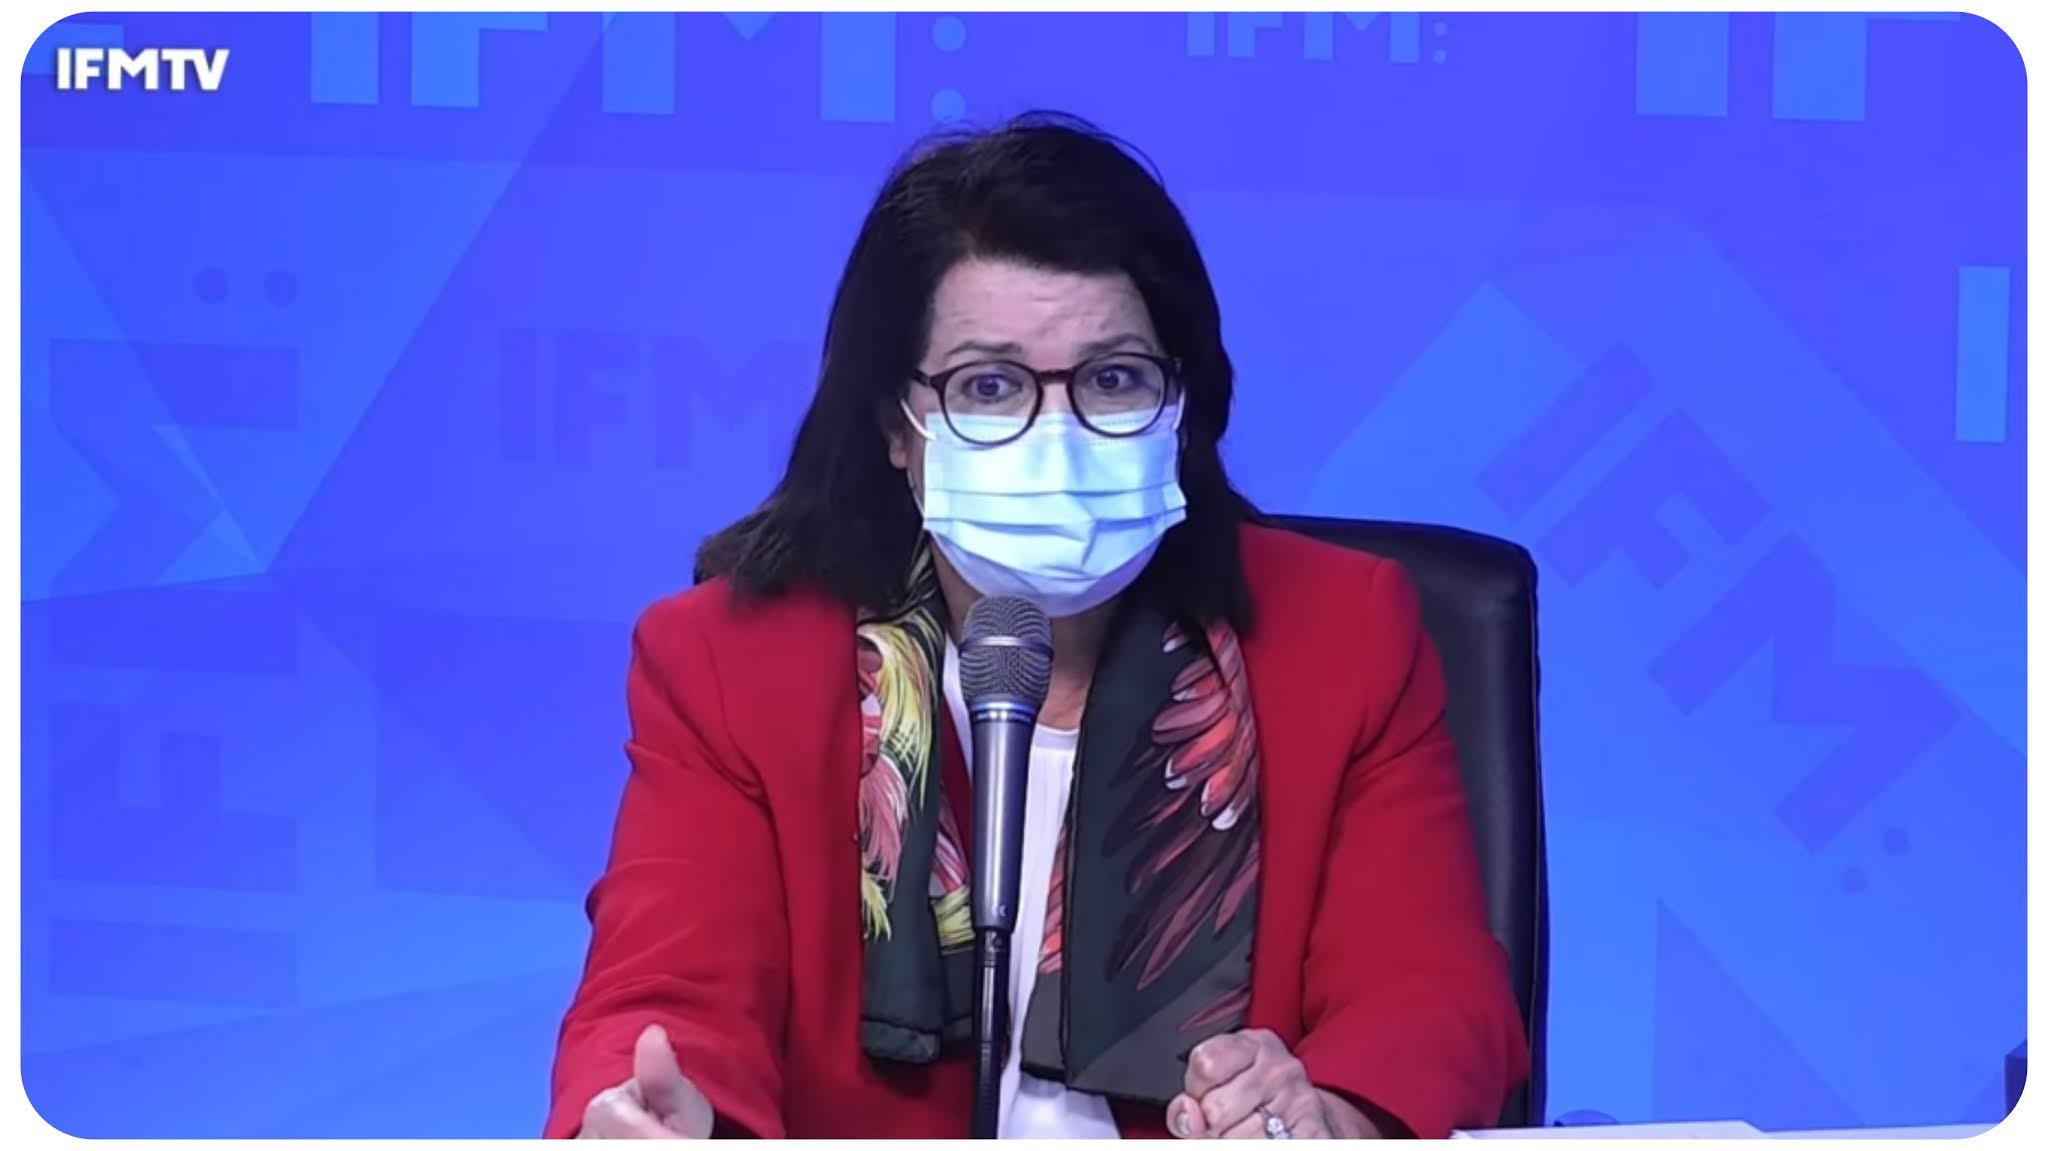 بالفيديو / سميرة مرعي : السلالة الجديدة تستهدف الشباب و الأطفال .. والموجة الثالثة ستكون الأصعب